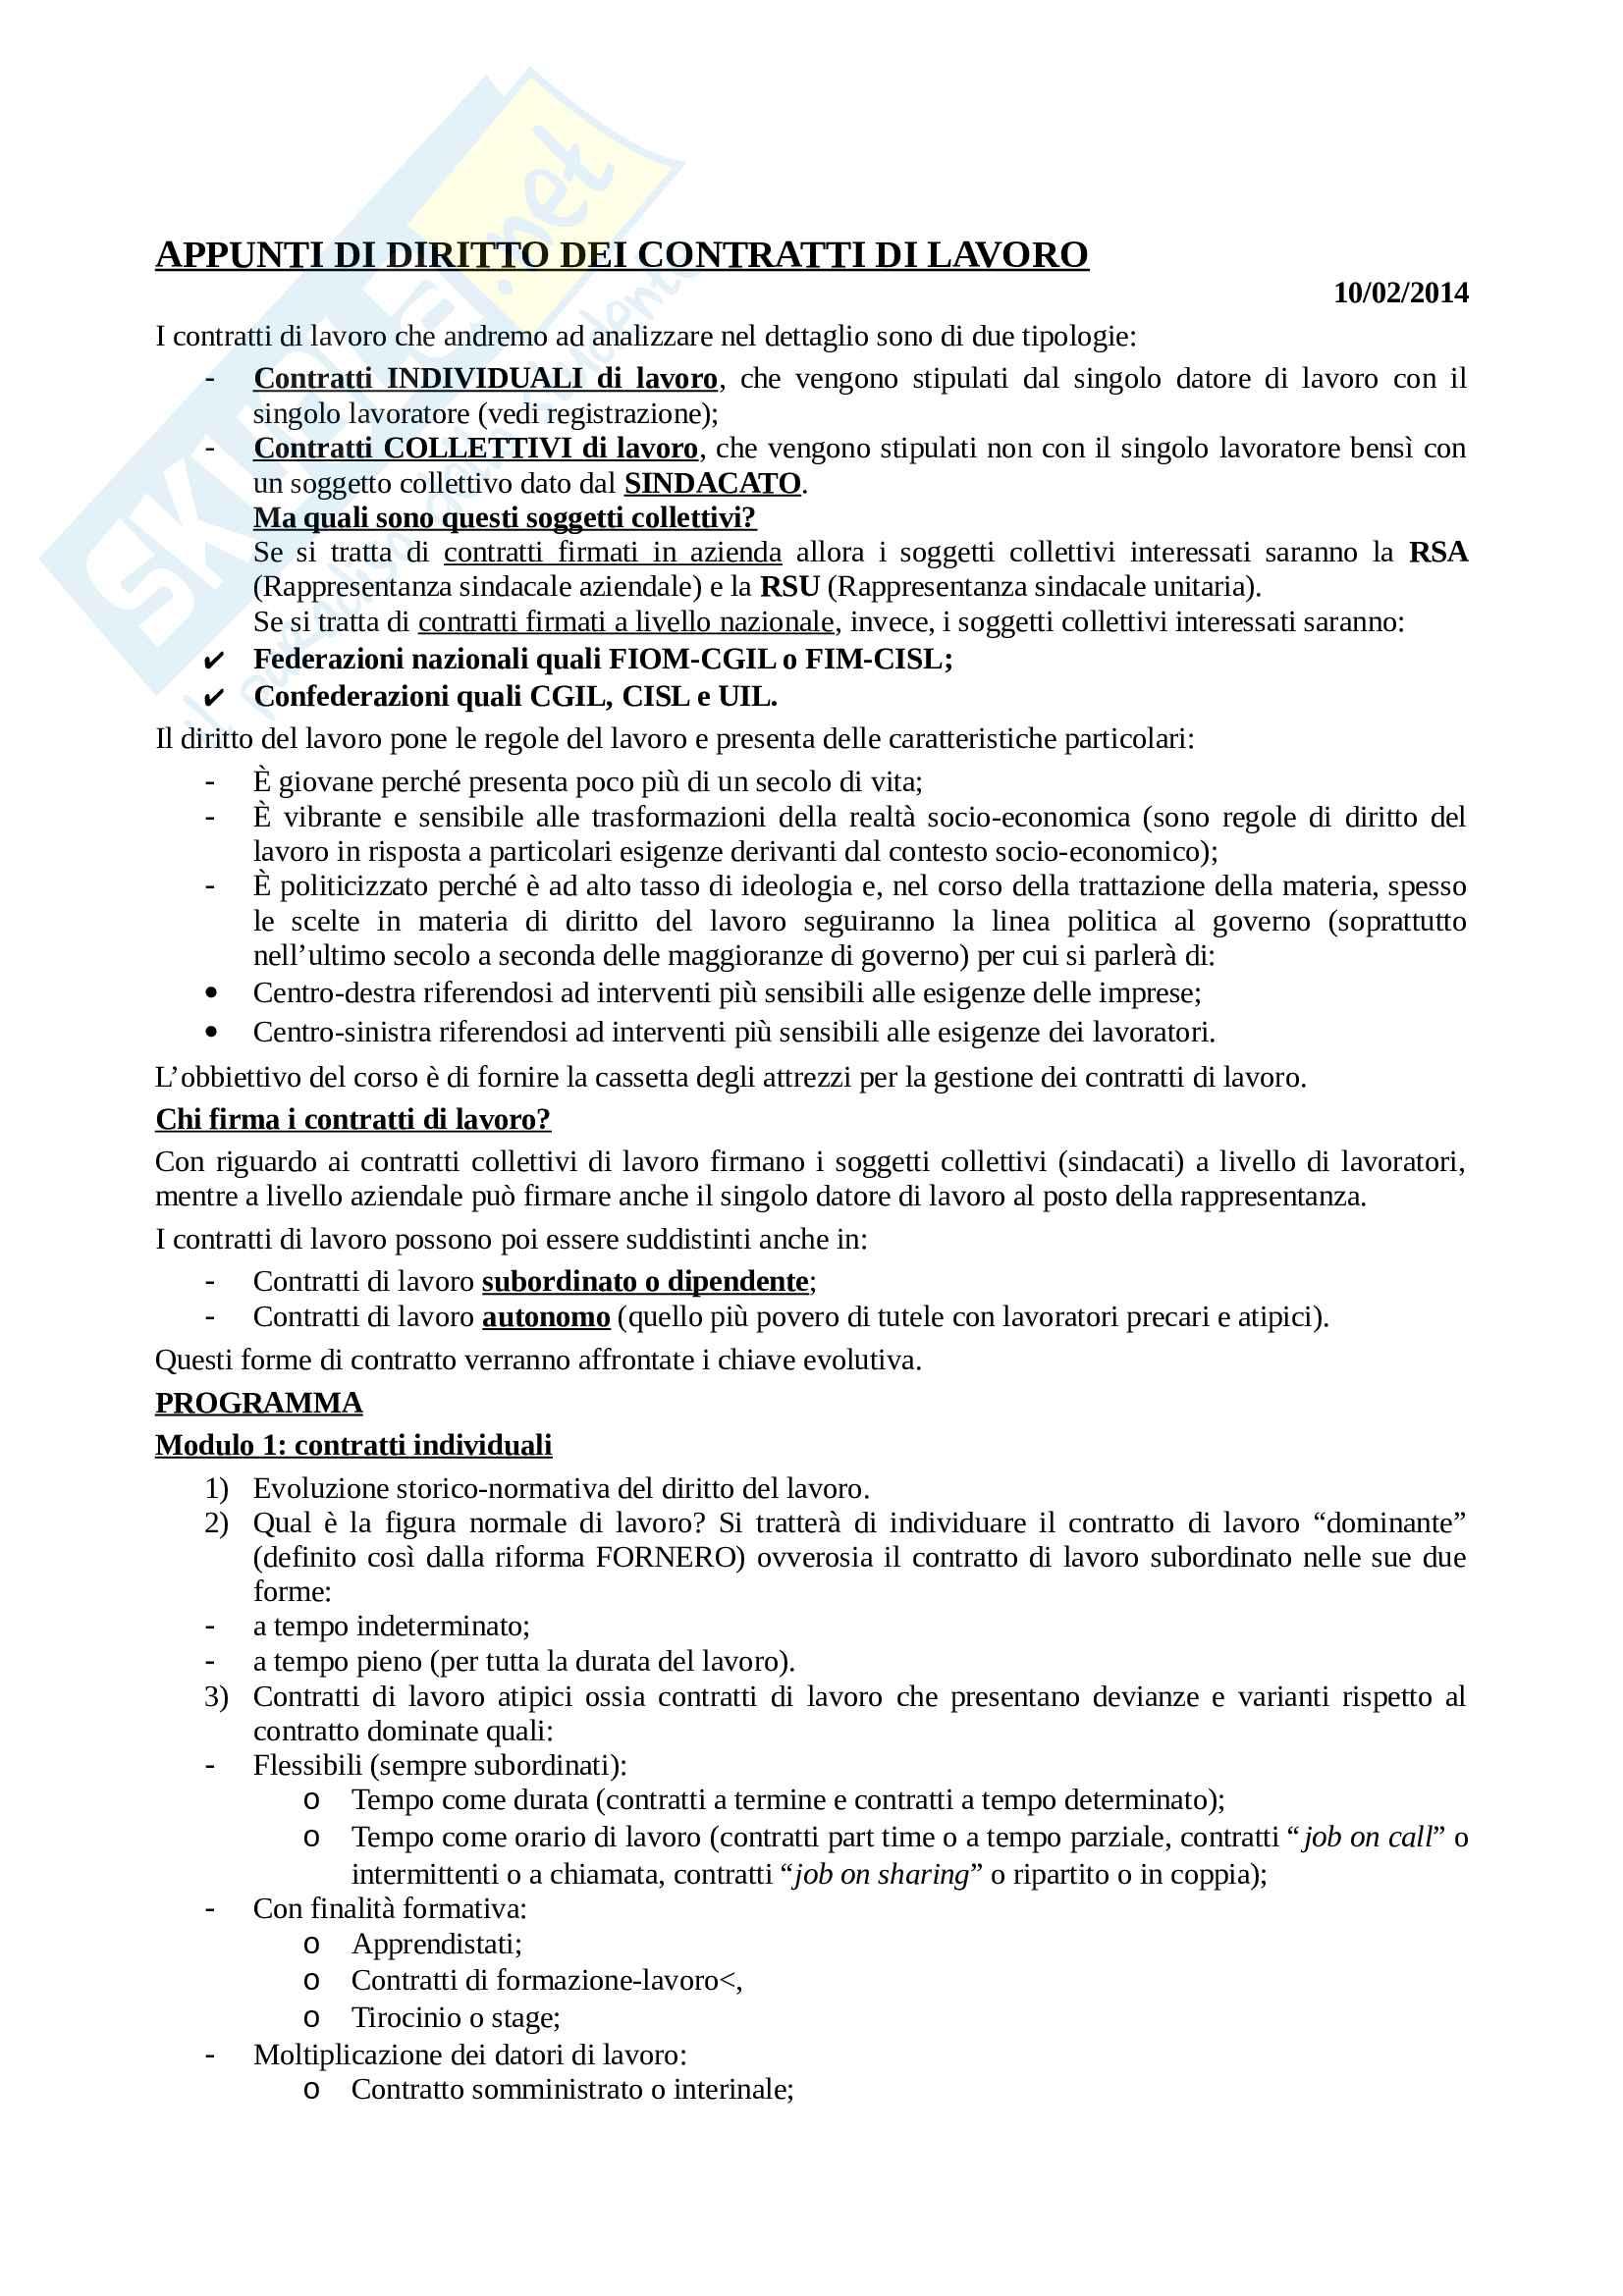 Diritto dei contratti da lavoro - Appunti